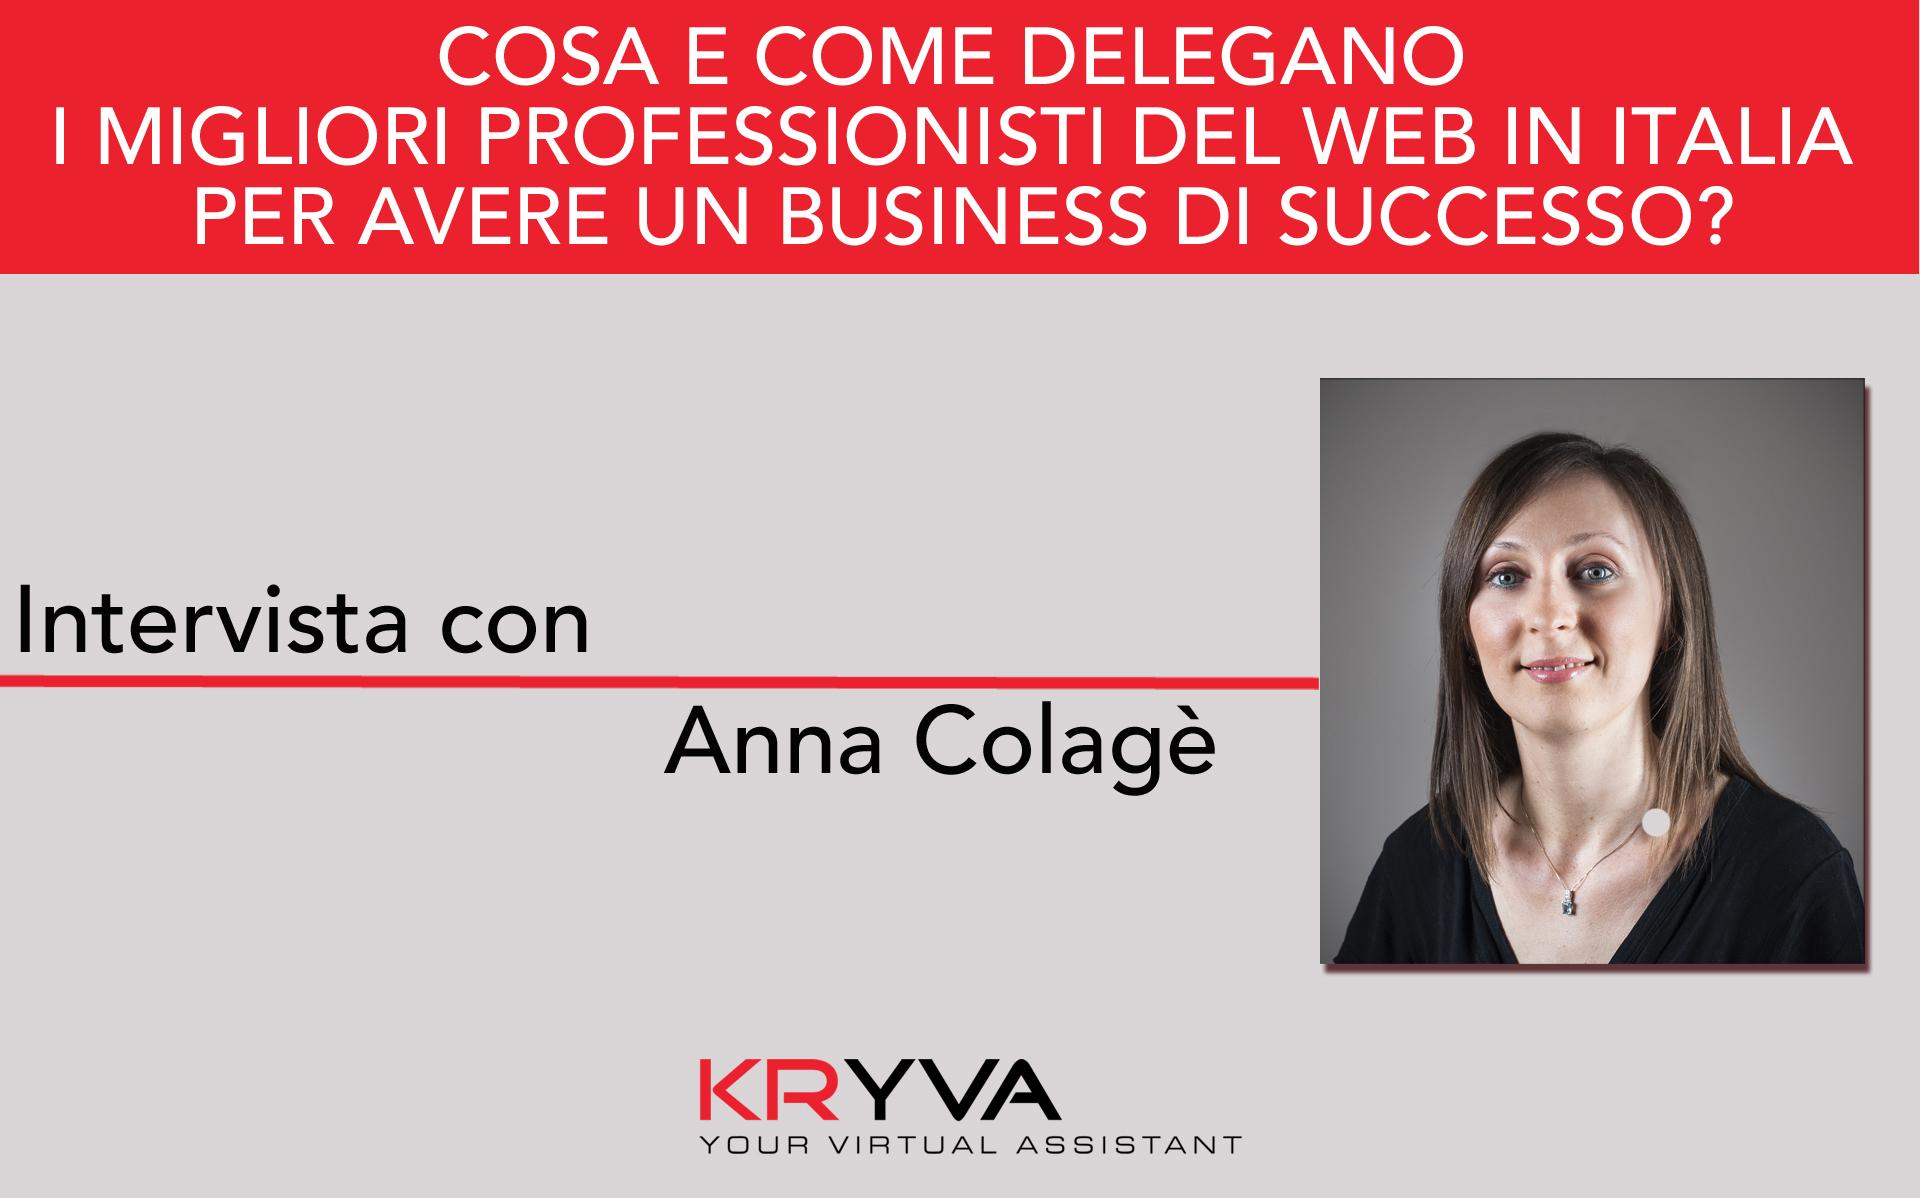 La comunicazione chiara e sintetica nella delega | Intervista con Anna Colagè